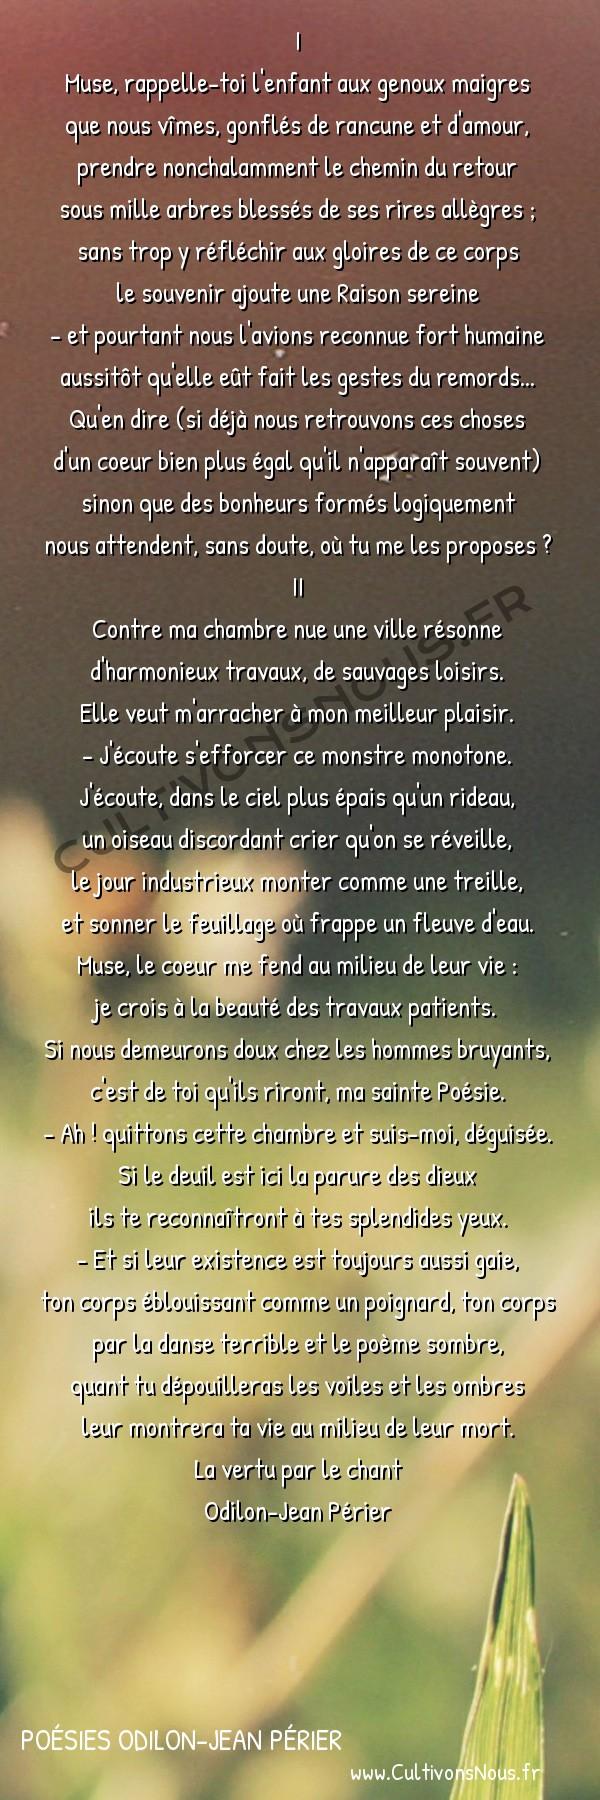 Poésies Odilon-Jean Périer - La vertu par le chant - Manque d'illusions -  I Muse, rappelle-toi l'enfant aux genoux maigres